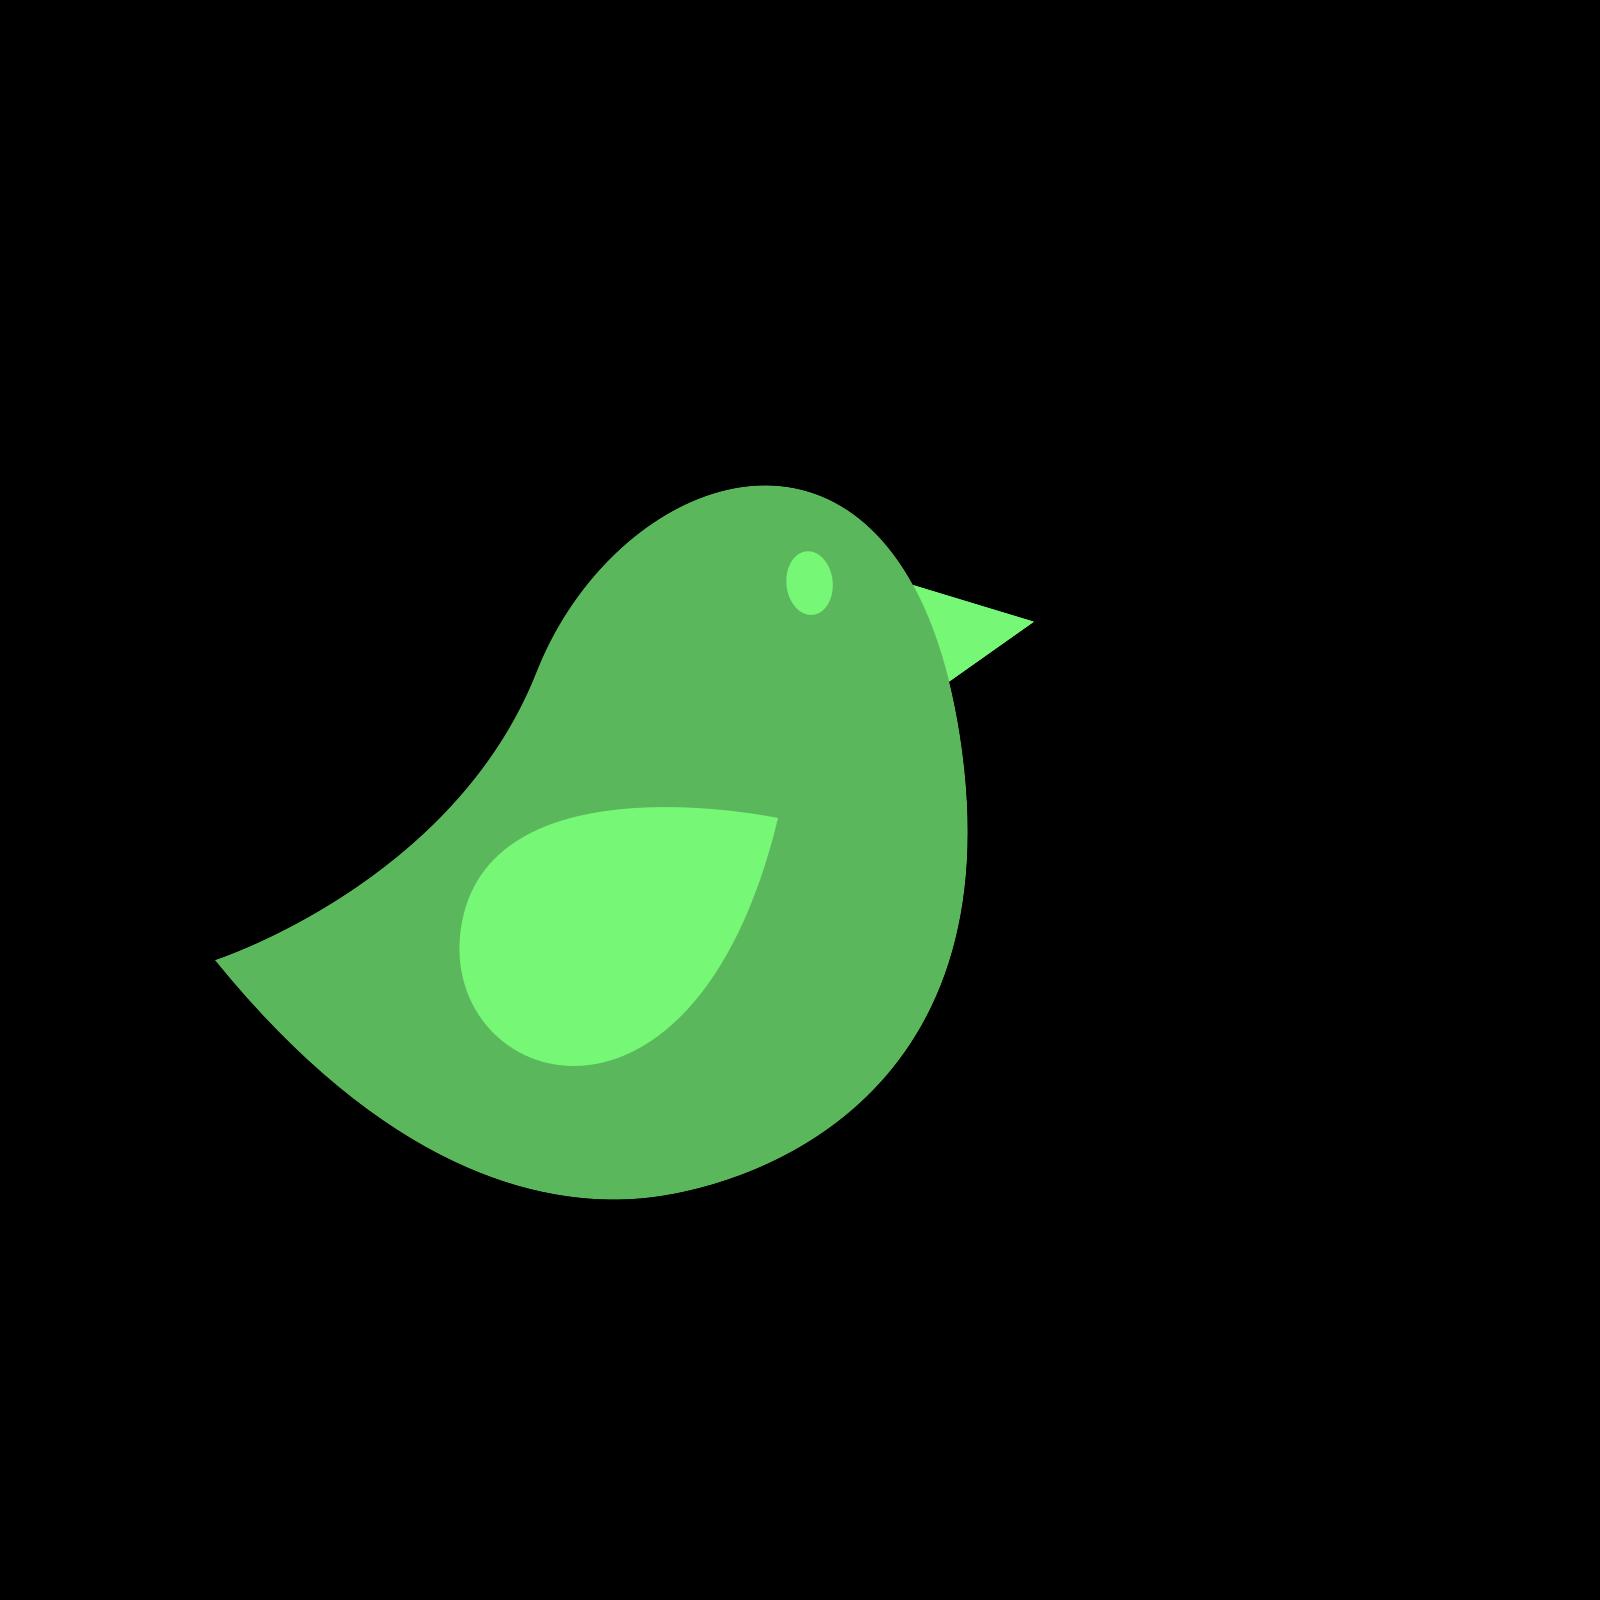 Birds green. Bird clip art icon